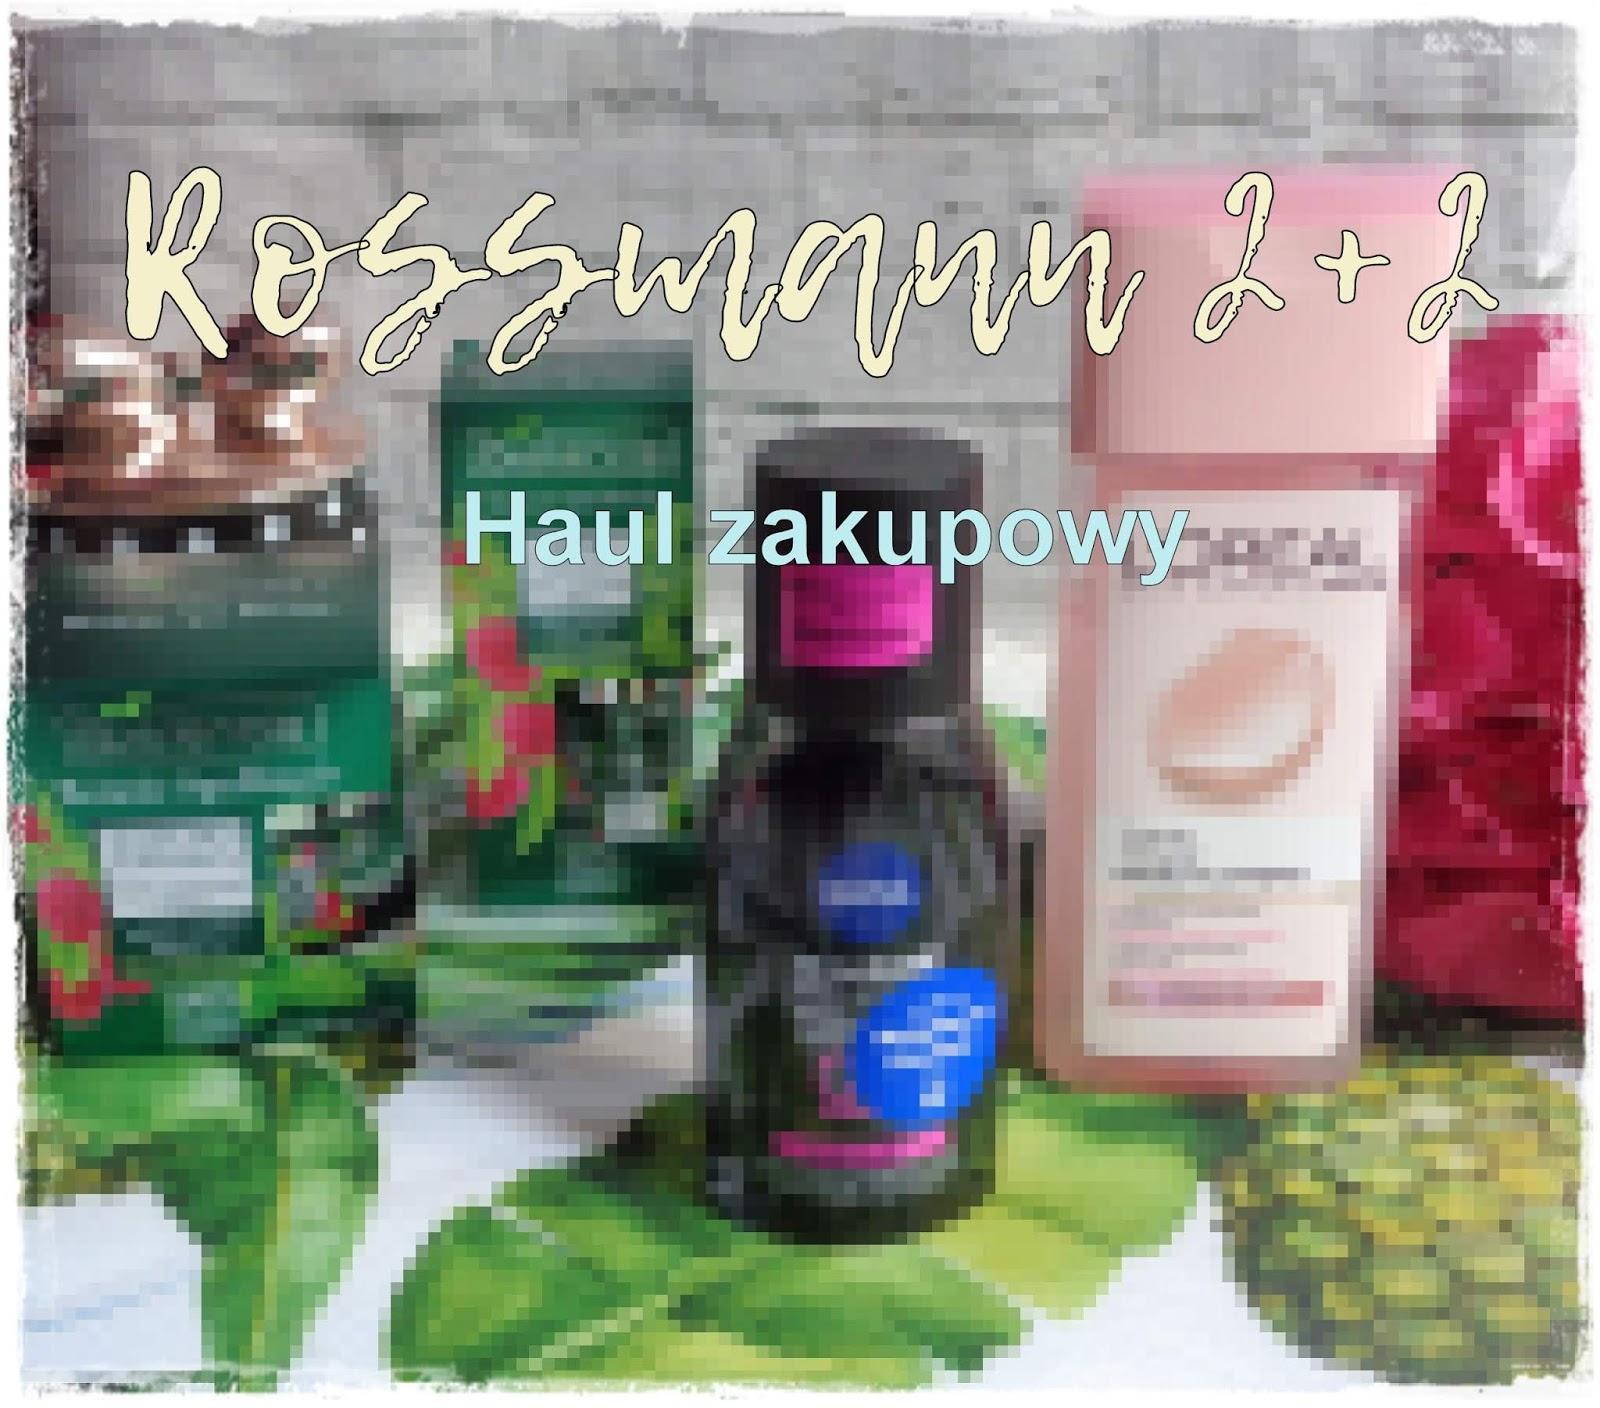 Rossmann 2+2 - Pielęgnacja, Haul Zakupowy